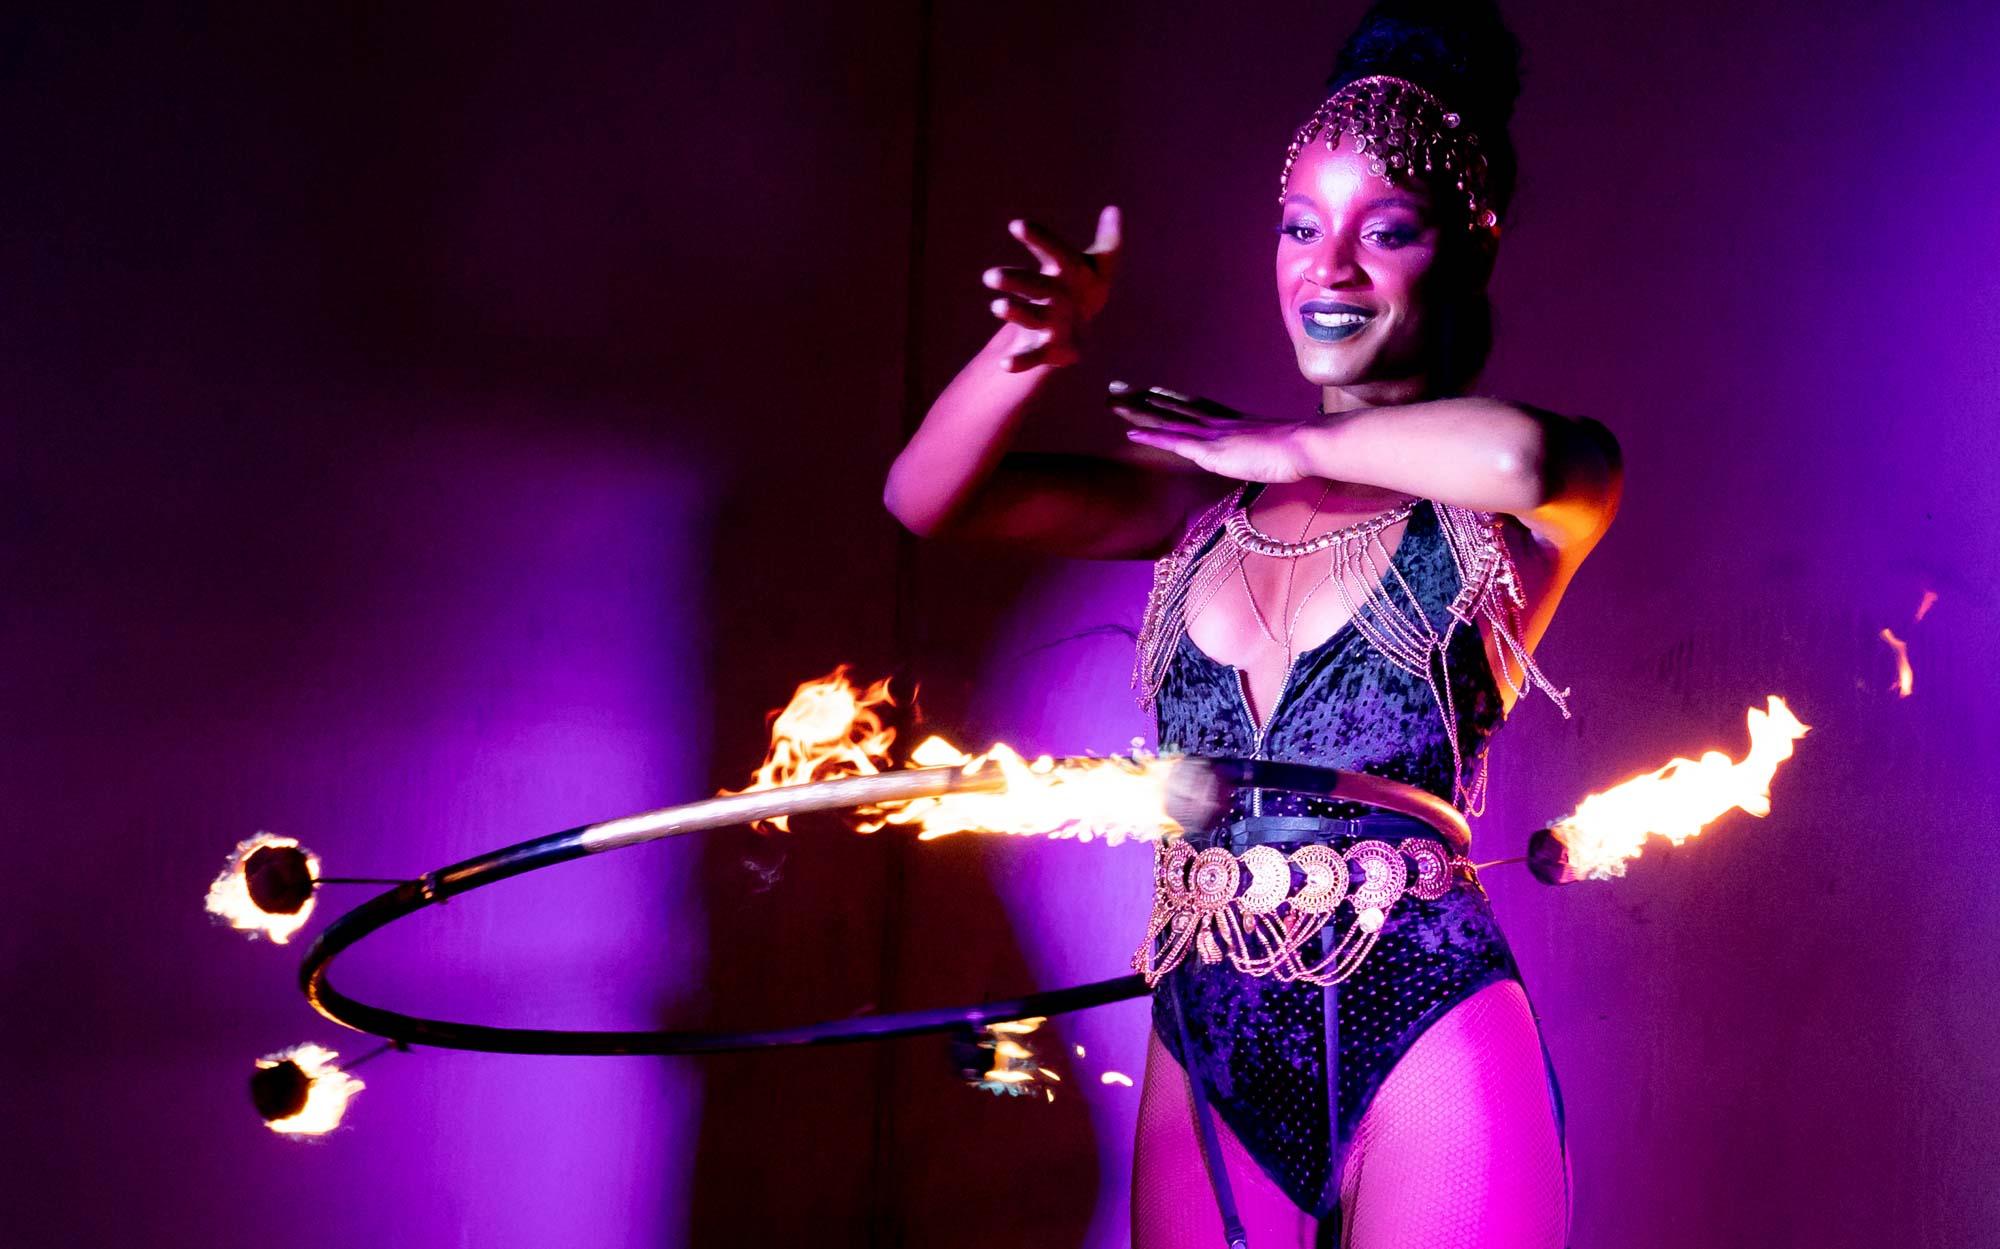 D.C. goes to Burning Man!